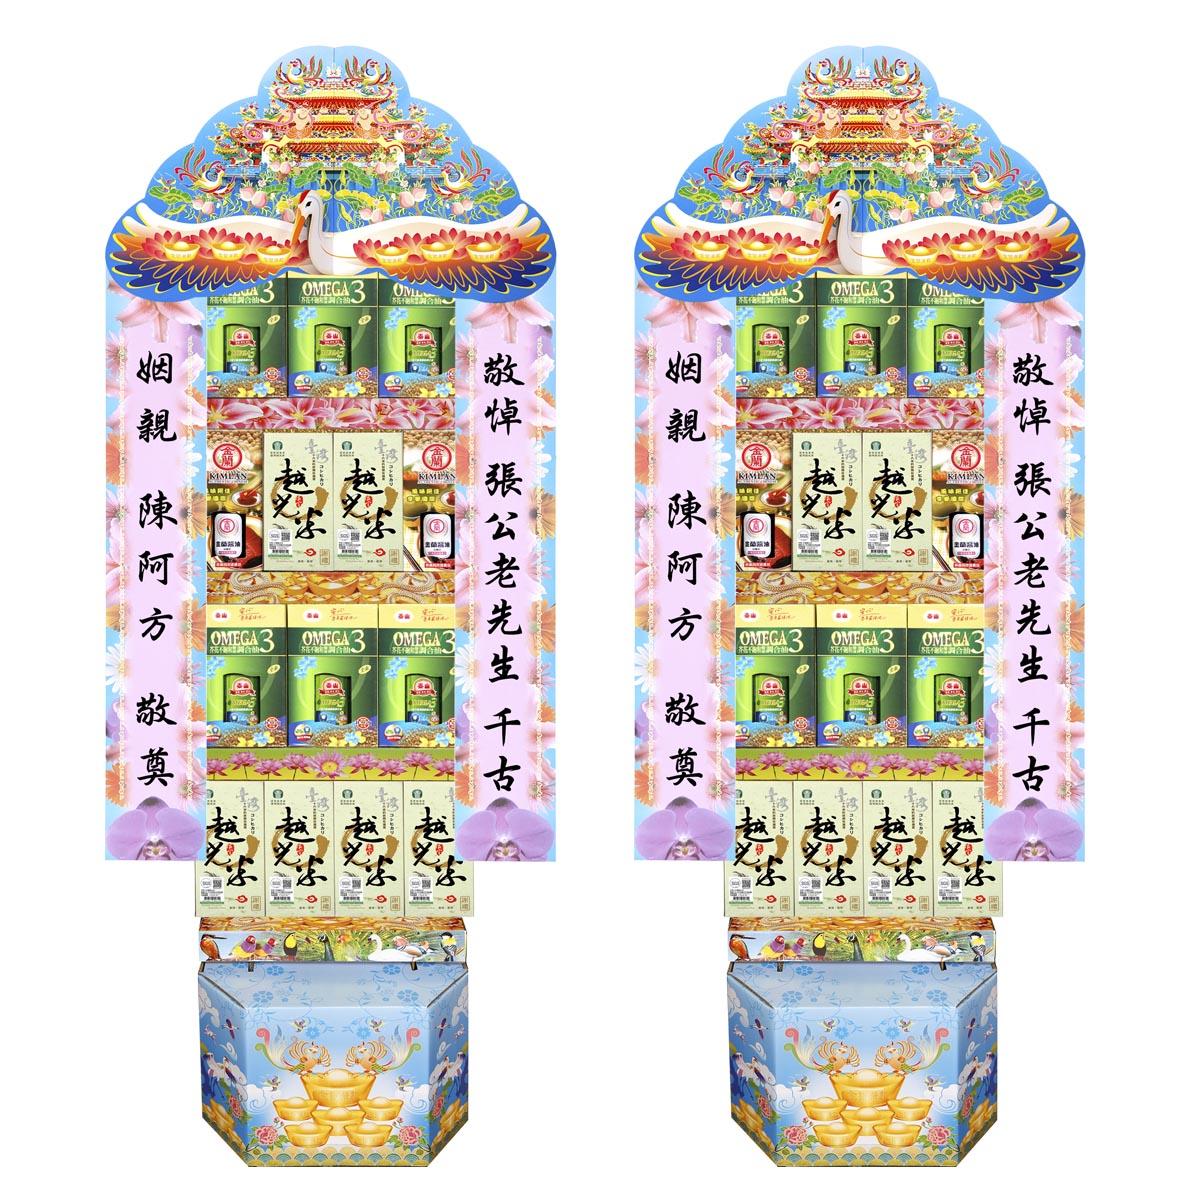 喪禮用罐頭塔-58-1 罐頭禮籃